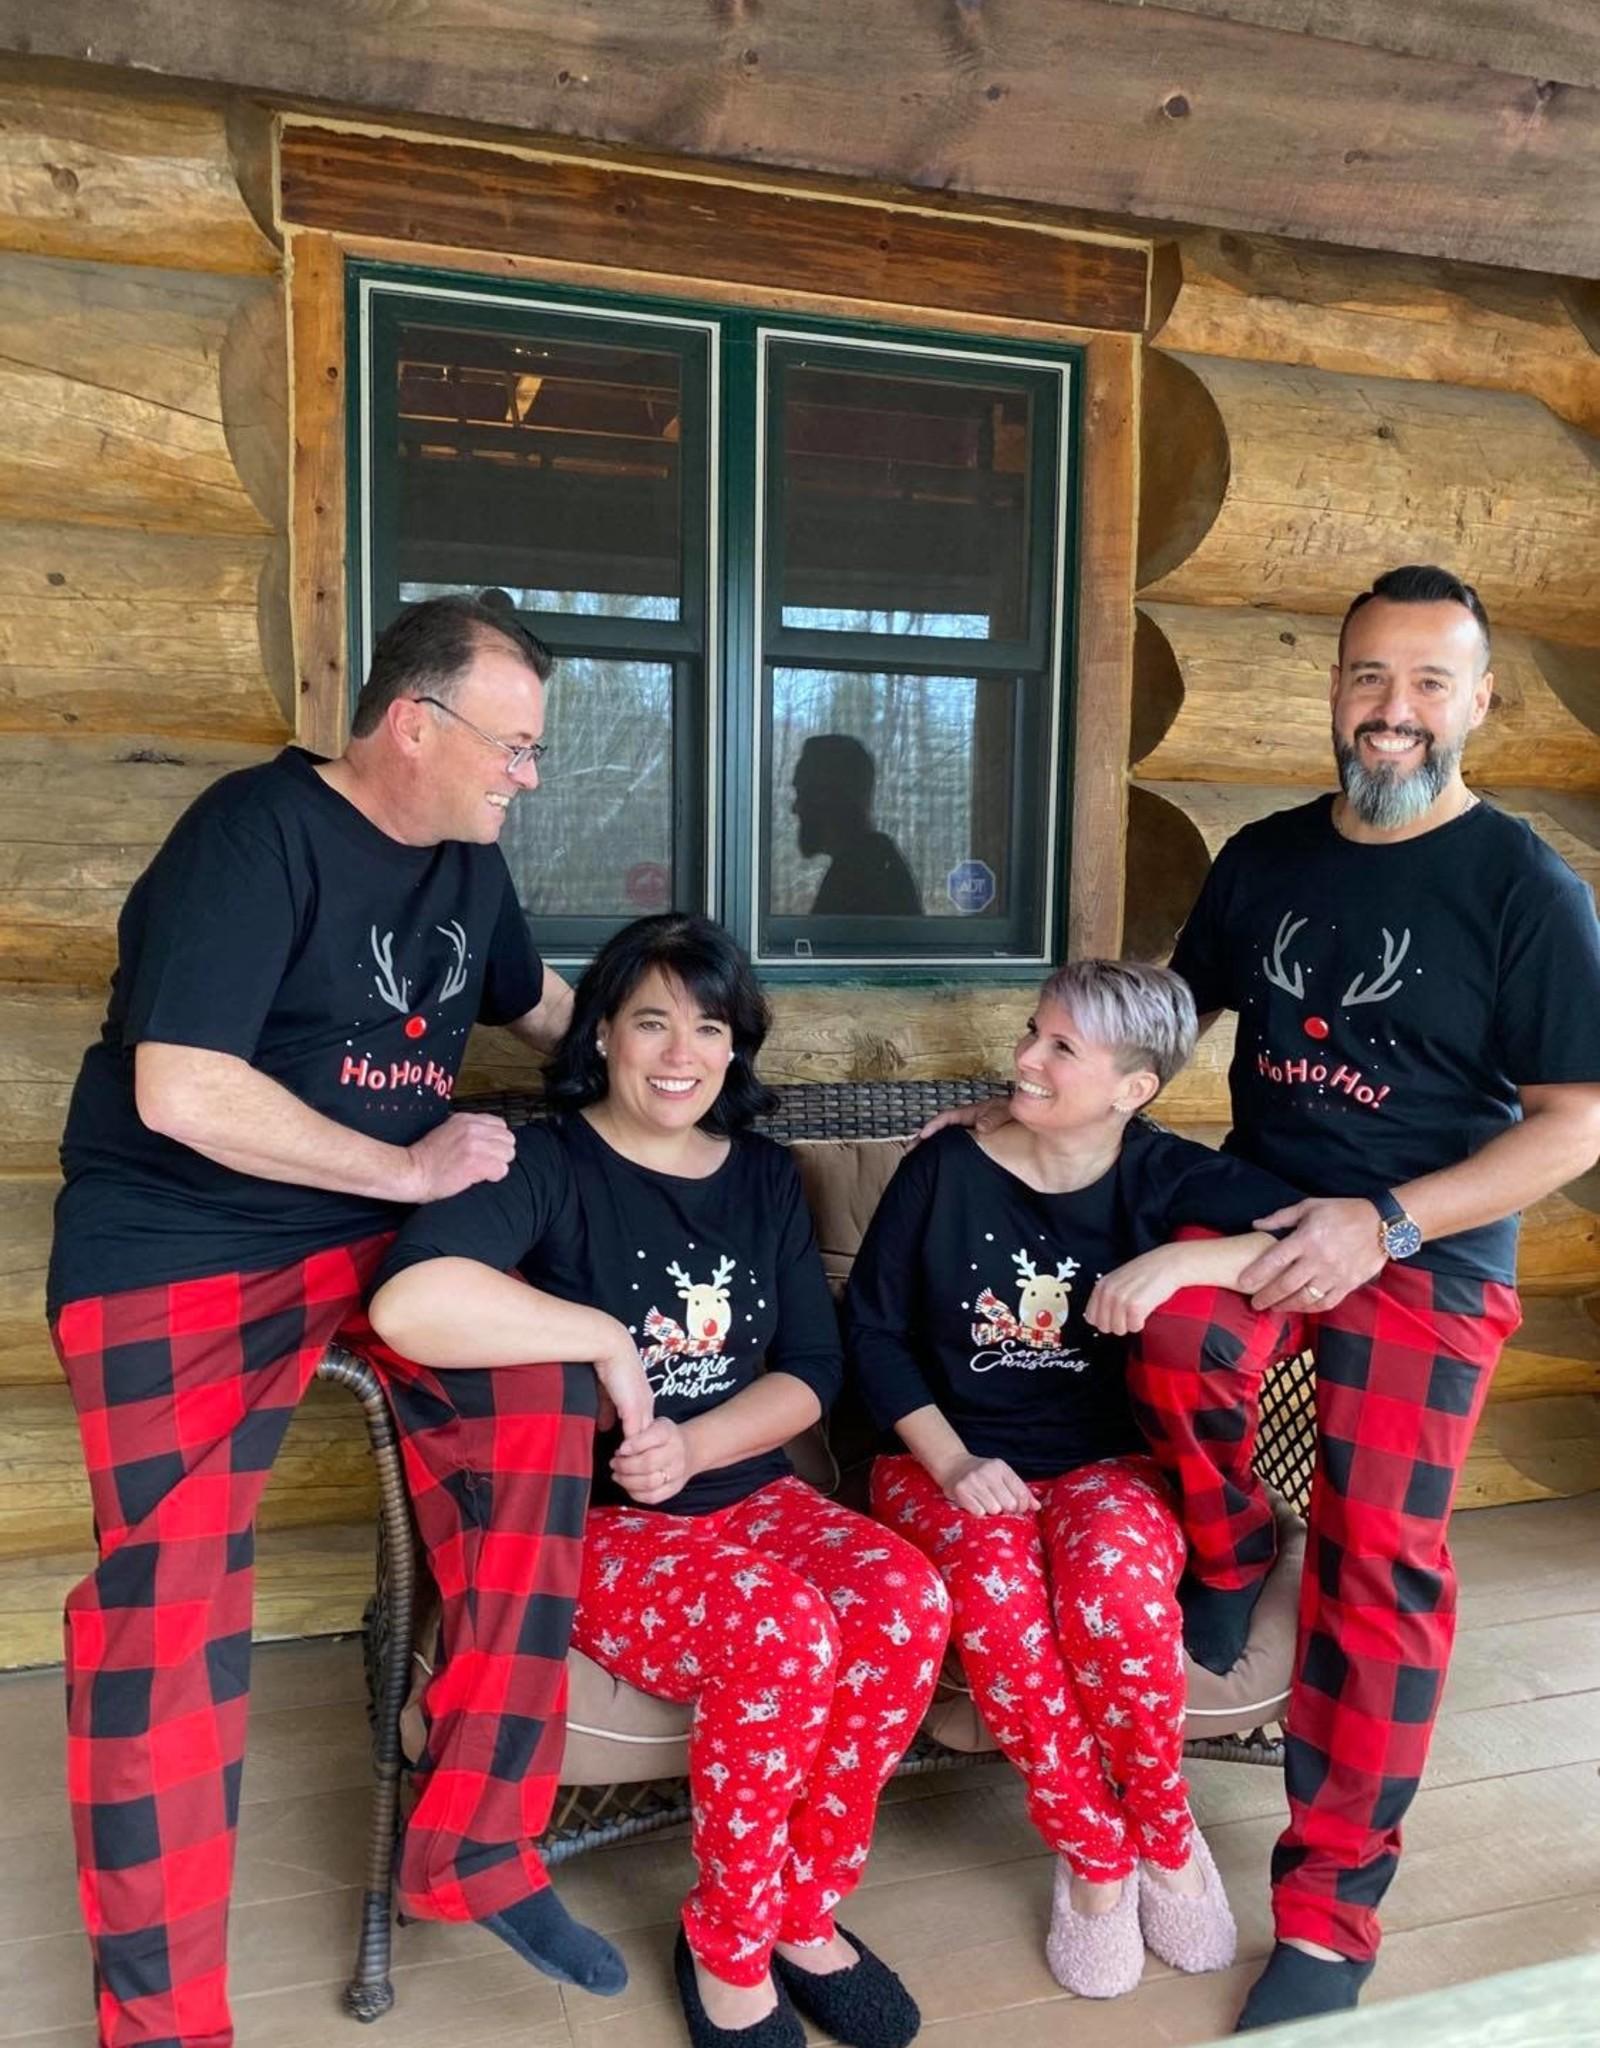 Sensis Pyjama 2pcs Pantalon Chandail Christmas Sensis Schianto